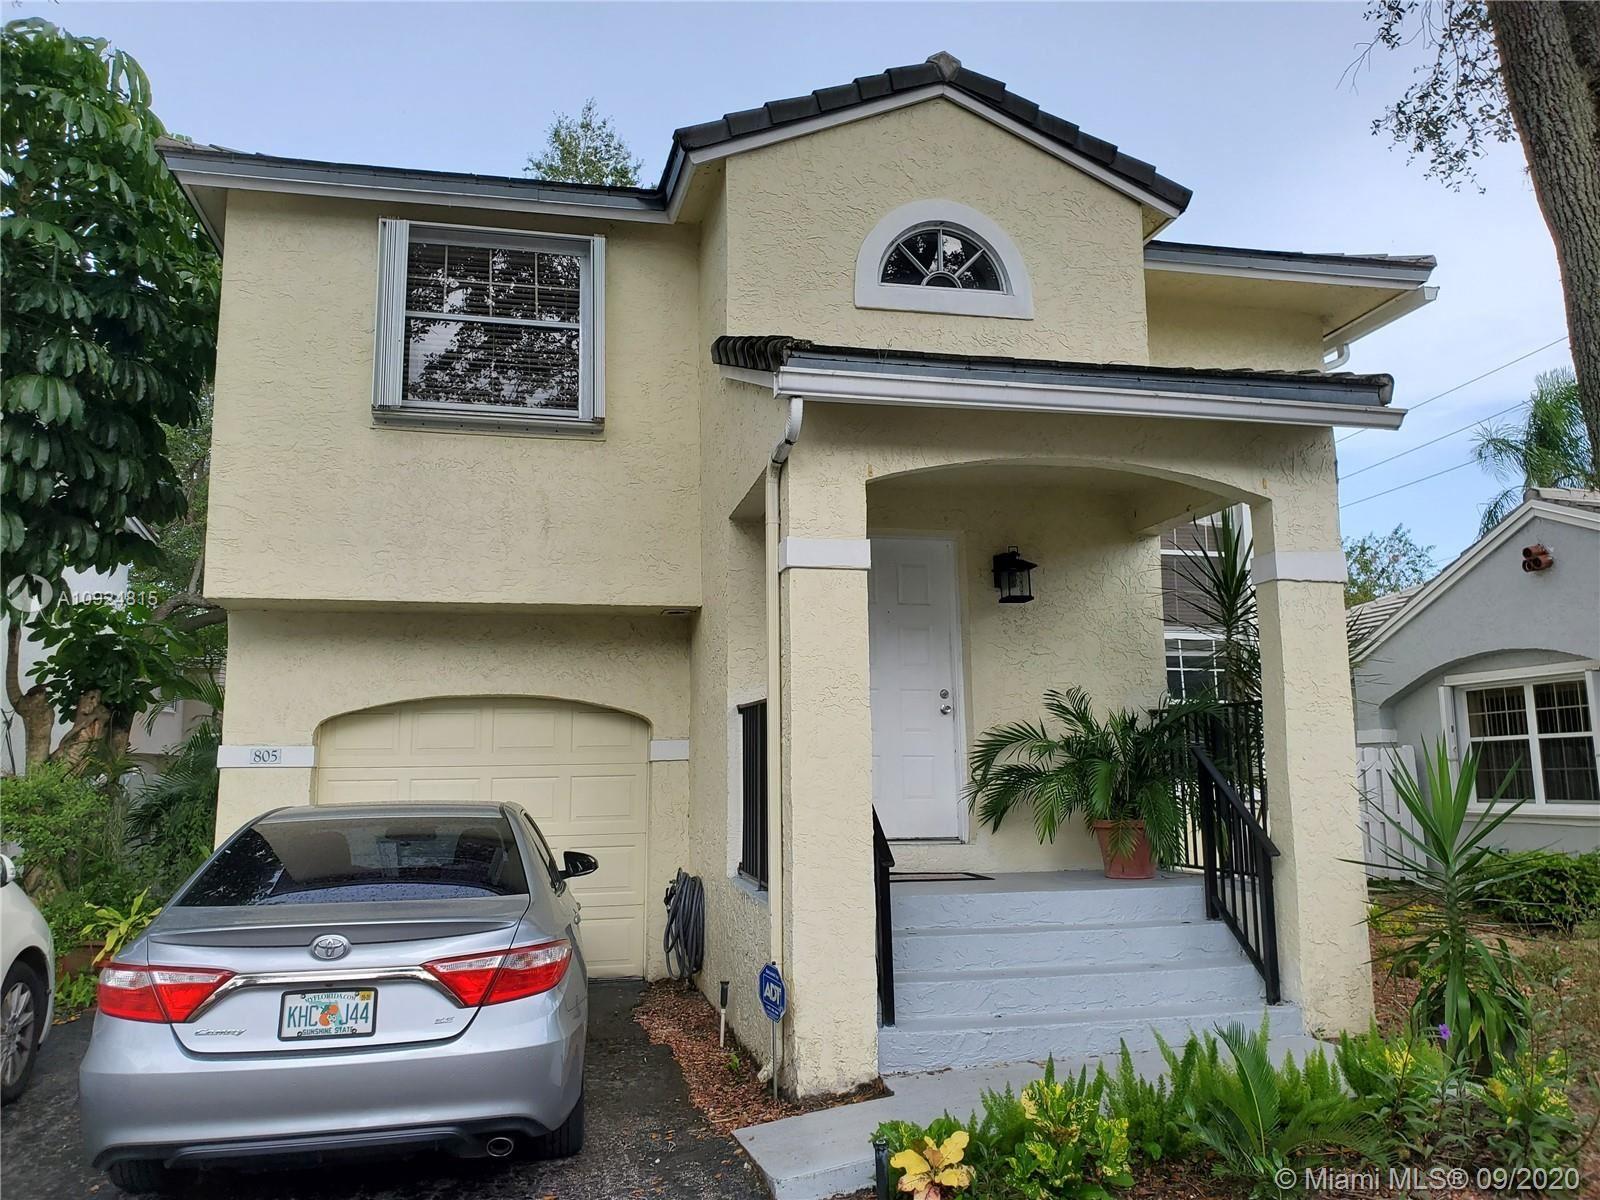 805 NW 98th Ave, Plantation, FL 33324 - #: A10924815